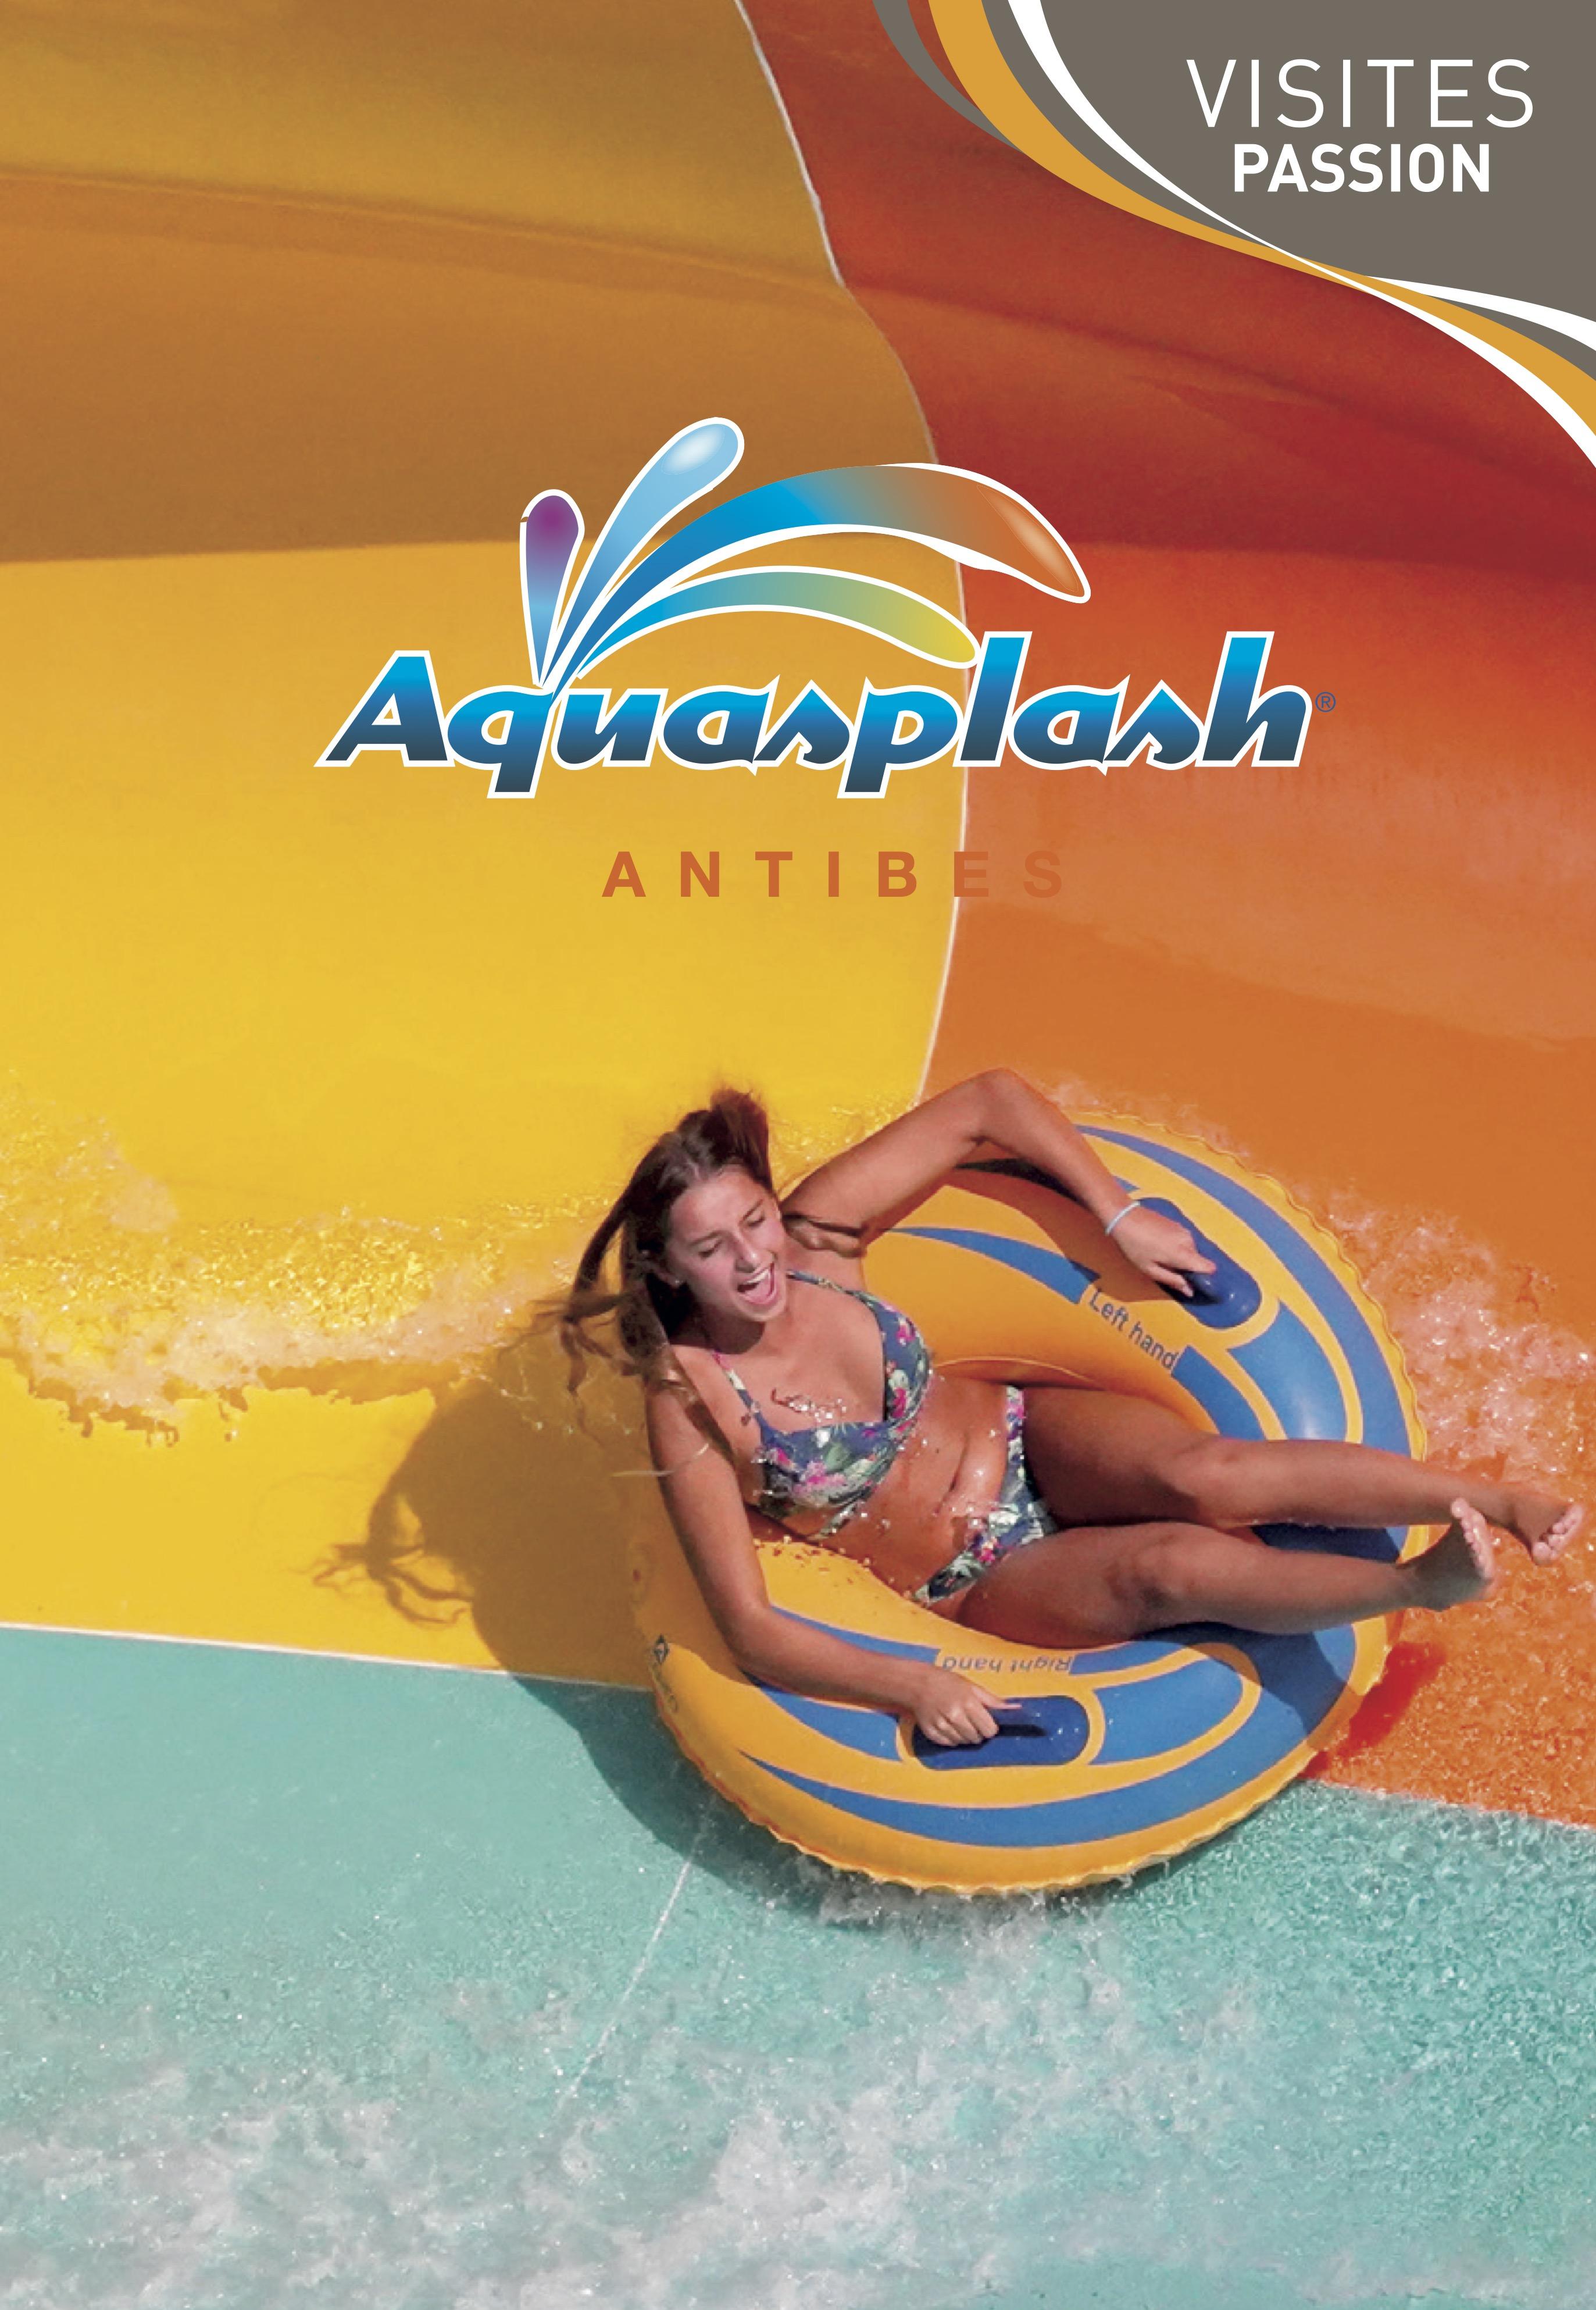 Aquasplash